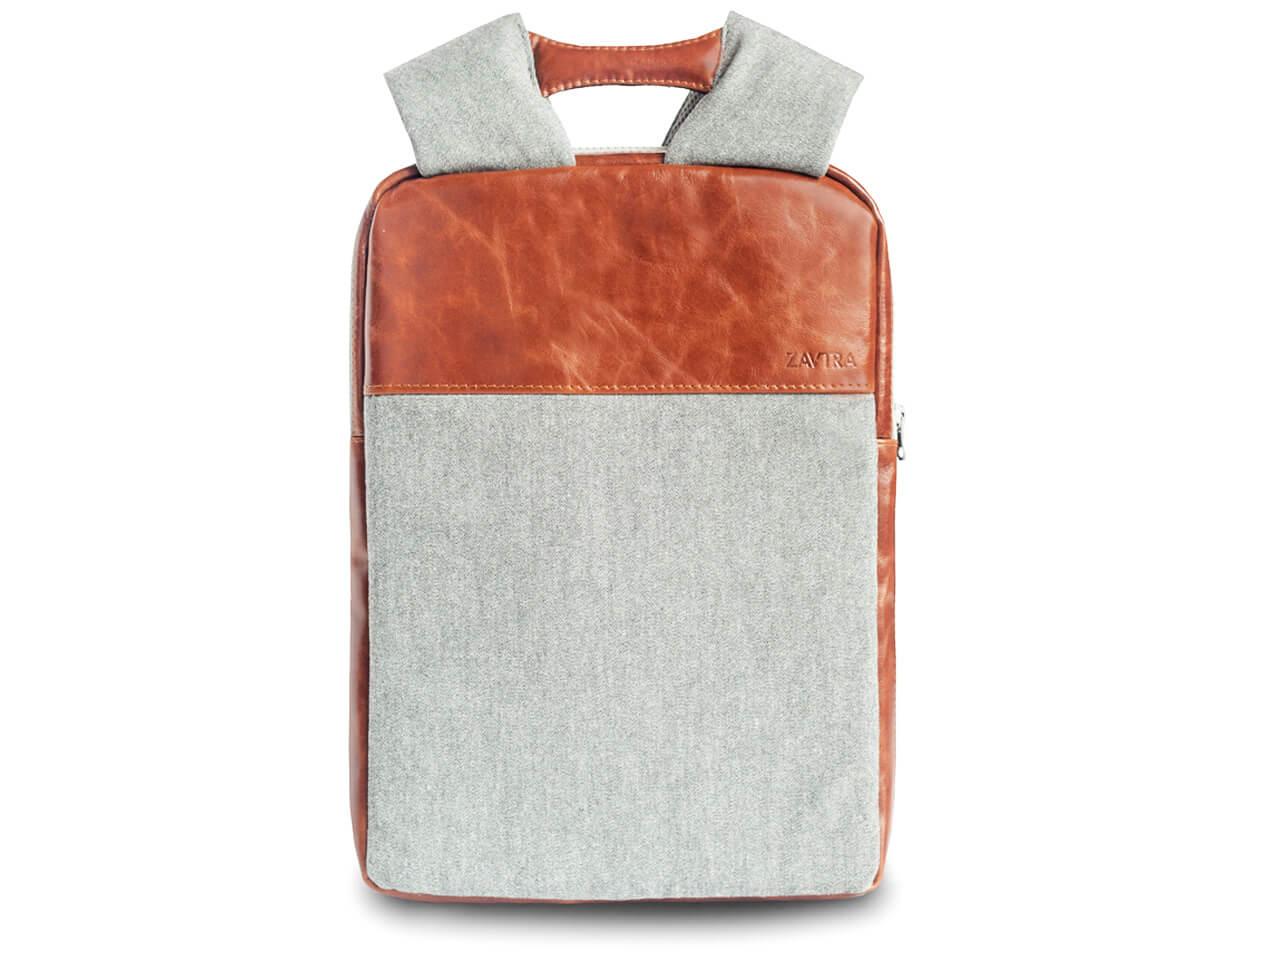 Минималистичный рюкзак ZAVTRA для Macbook (до 13 дюймов)